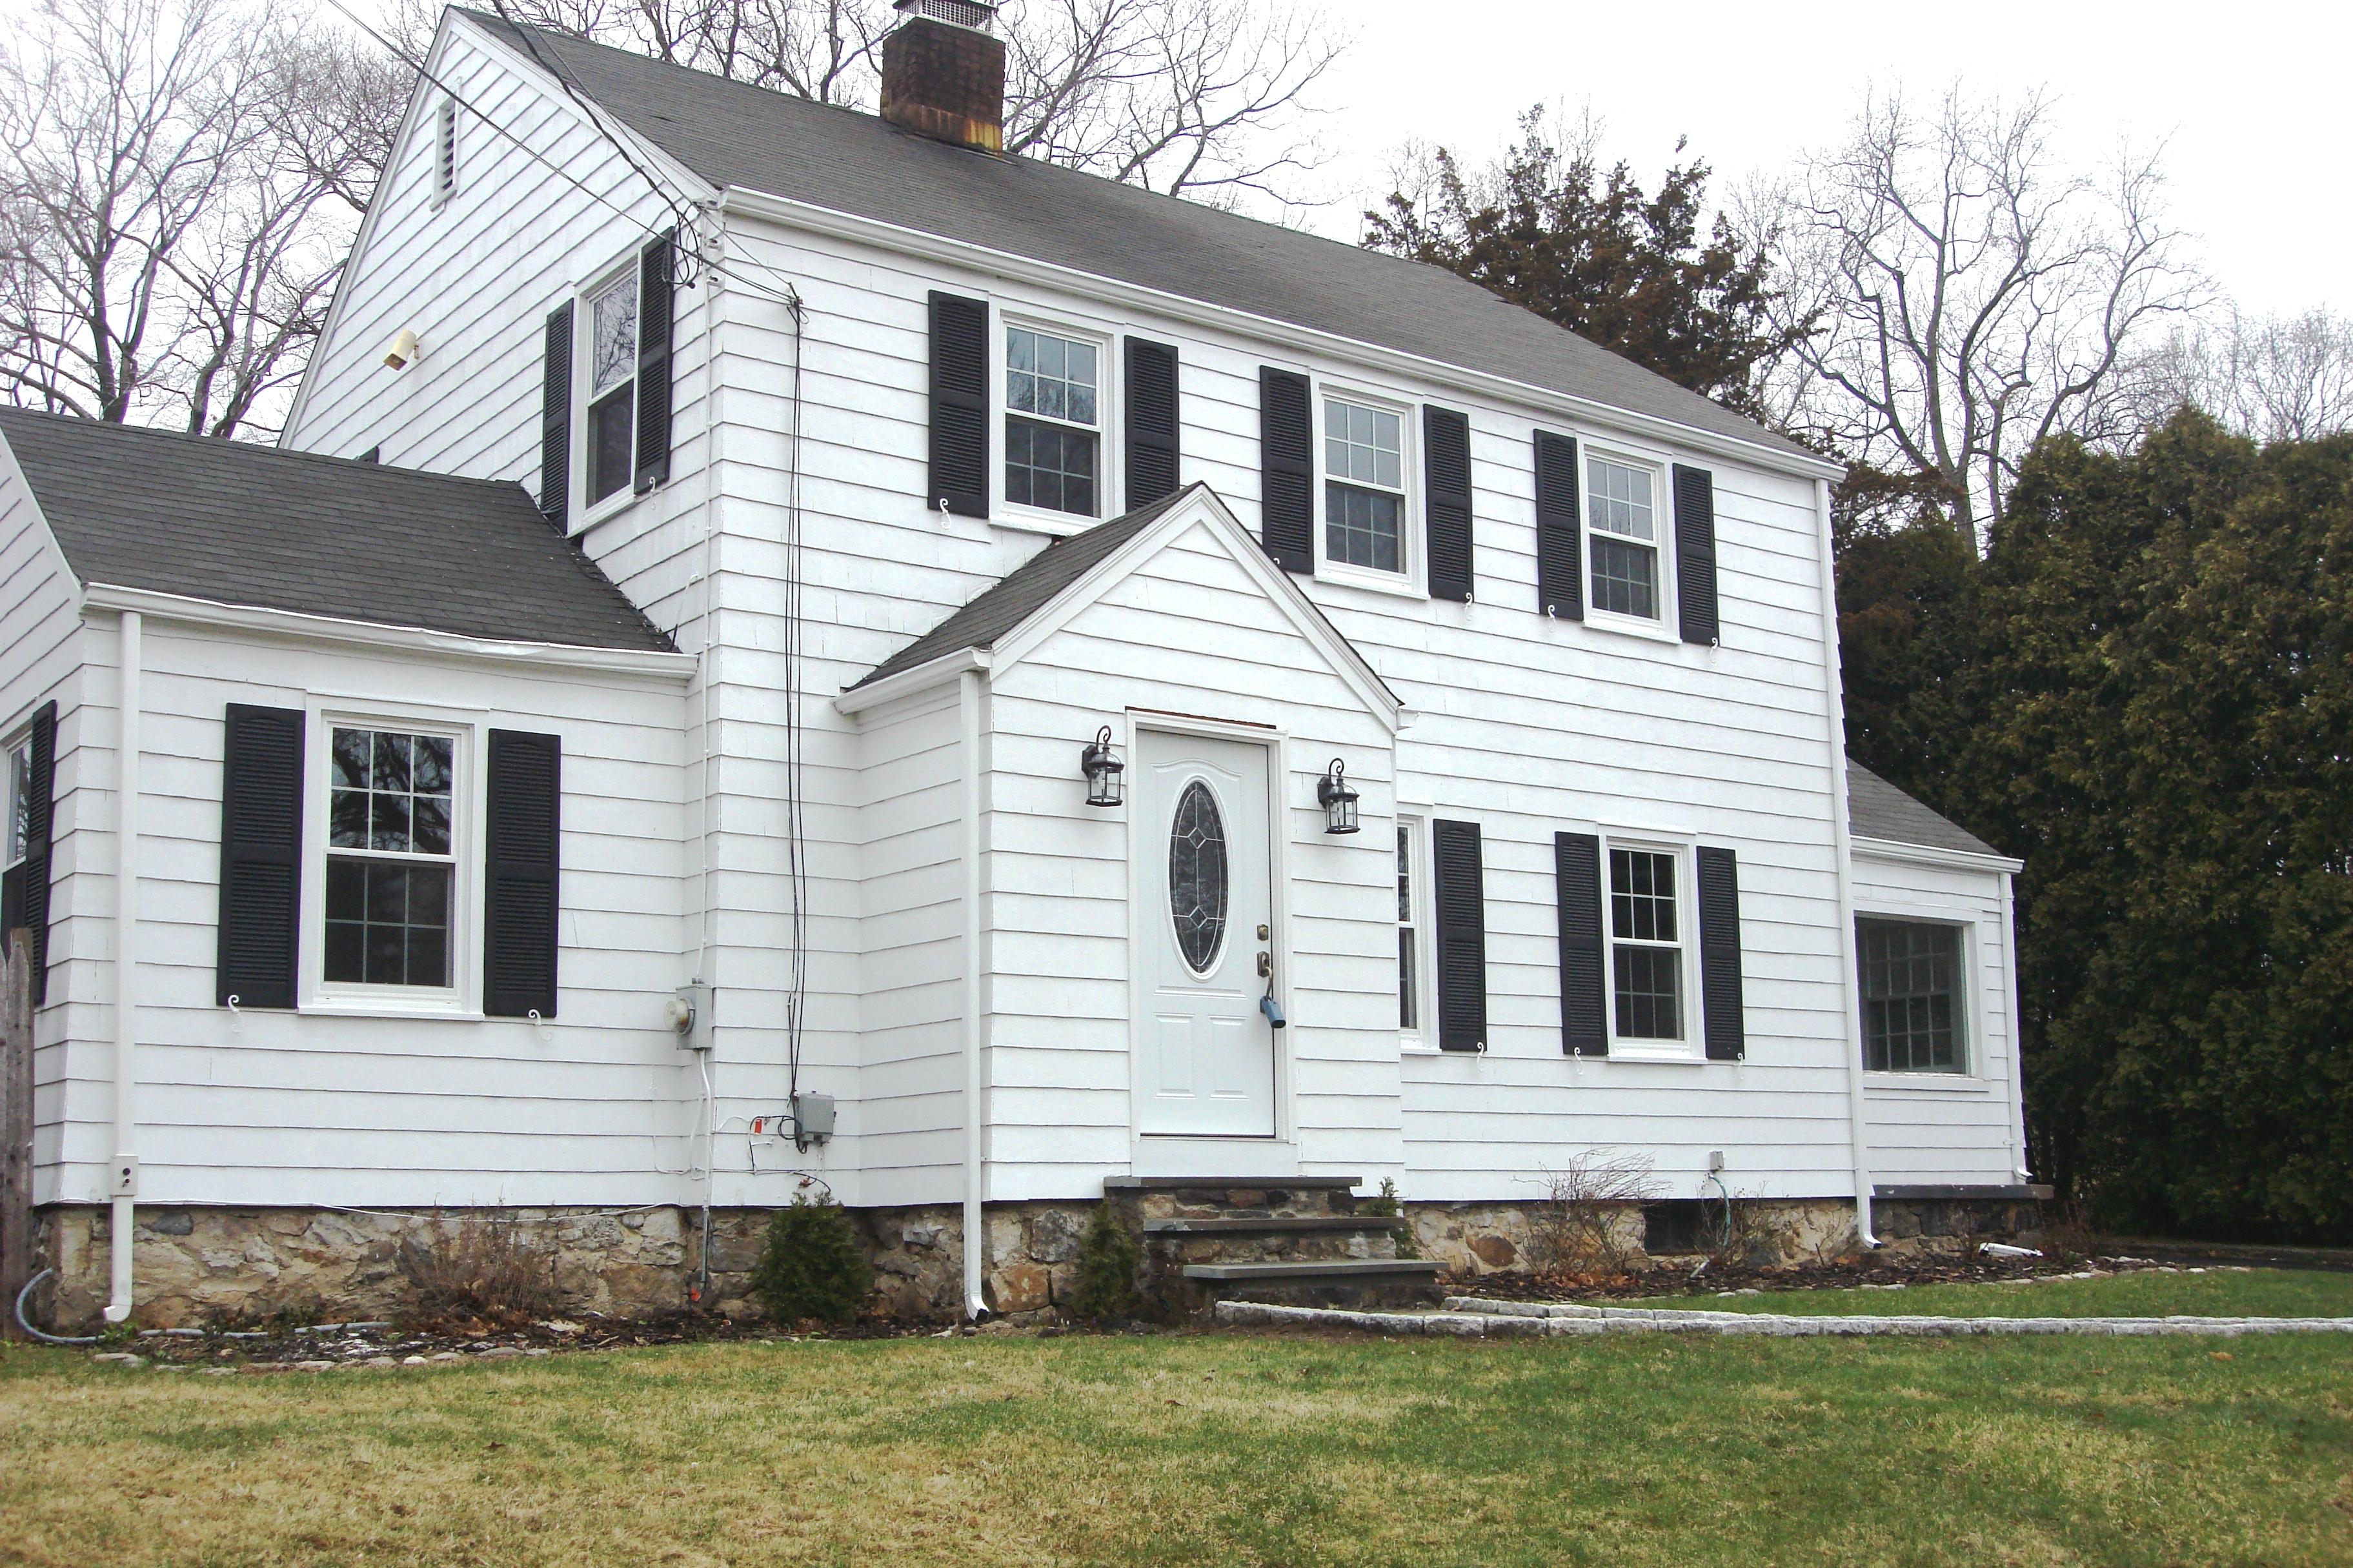 一戸建て のために 売買 アット Remodeled for Today's Living 139 Richards Avenue Norwalk, コネチカット 06854 アメリカ合衆国